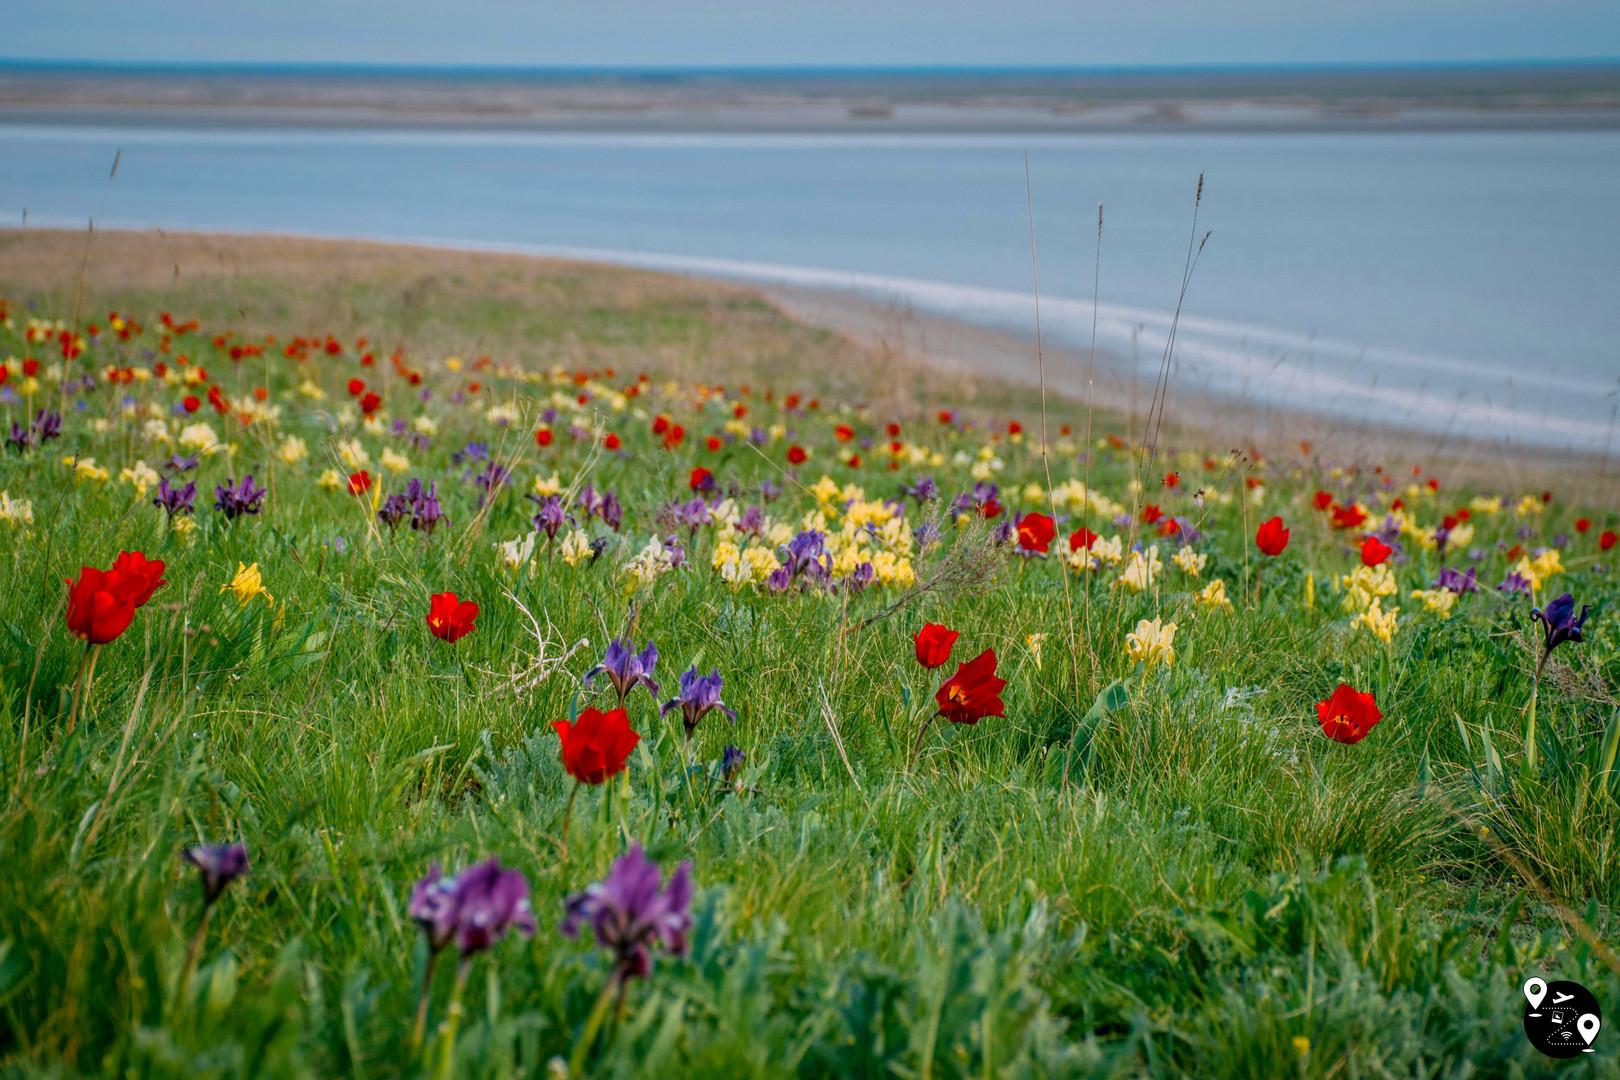 Цветение тюльпанов на озере Маныч-Гудило, Калмыкия